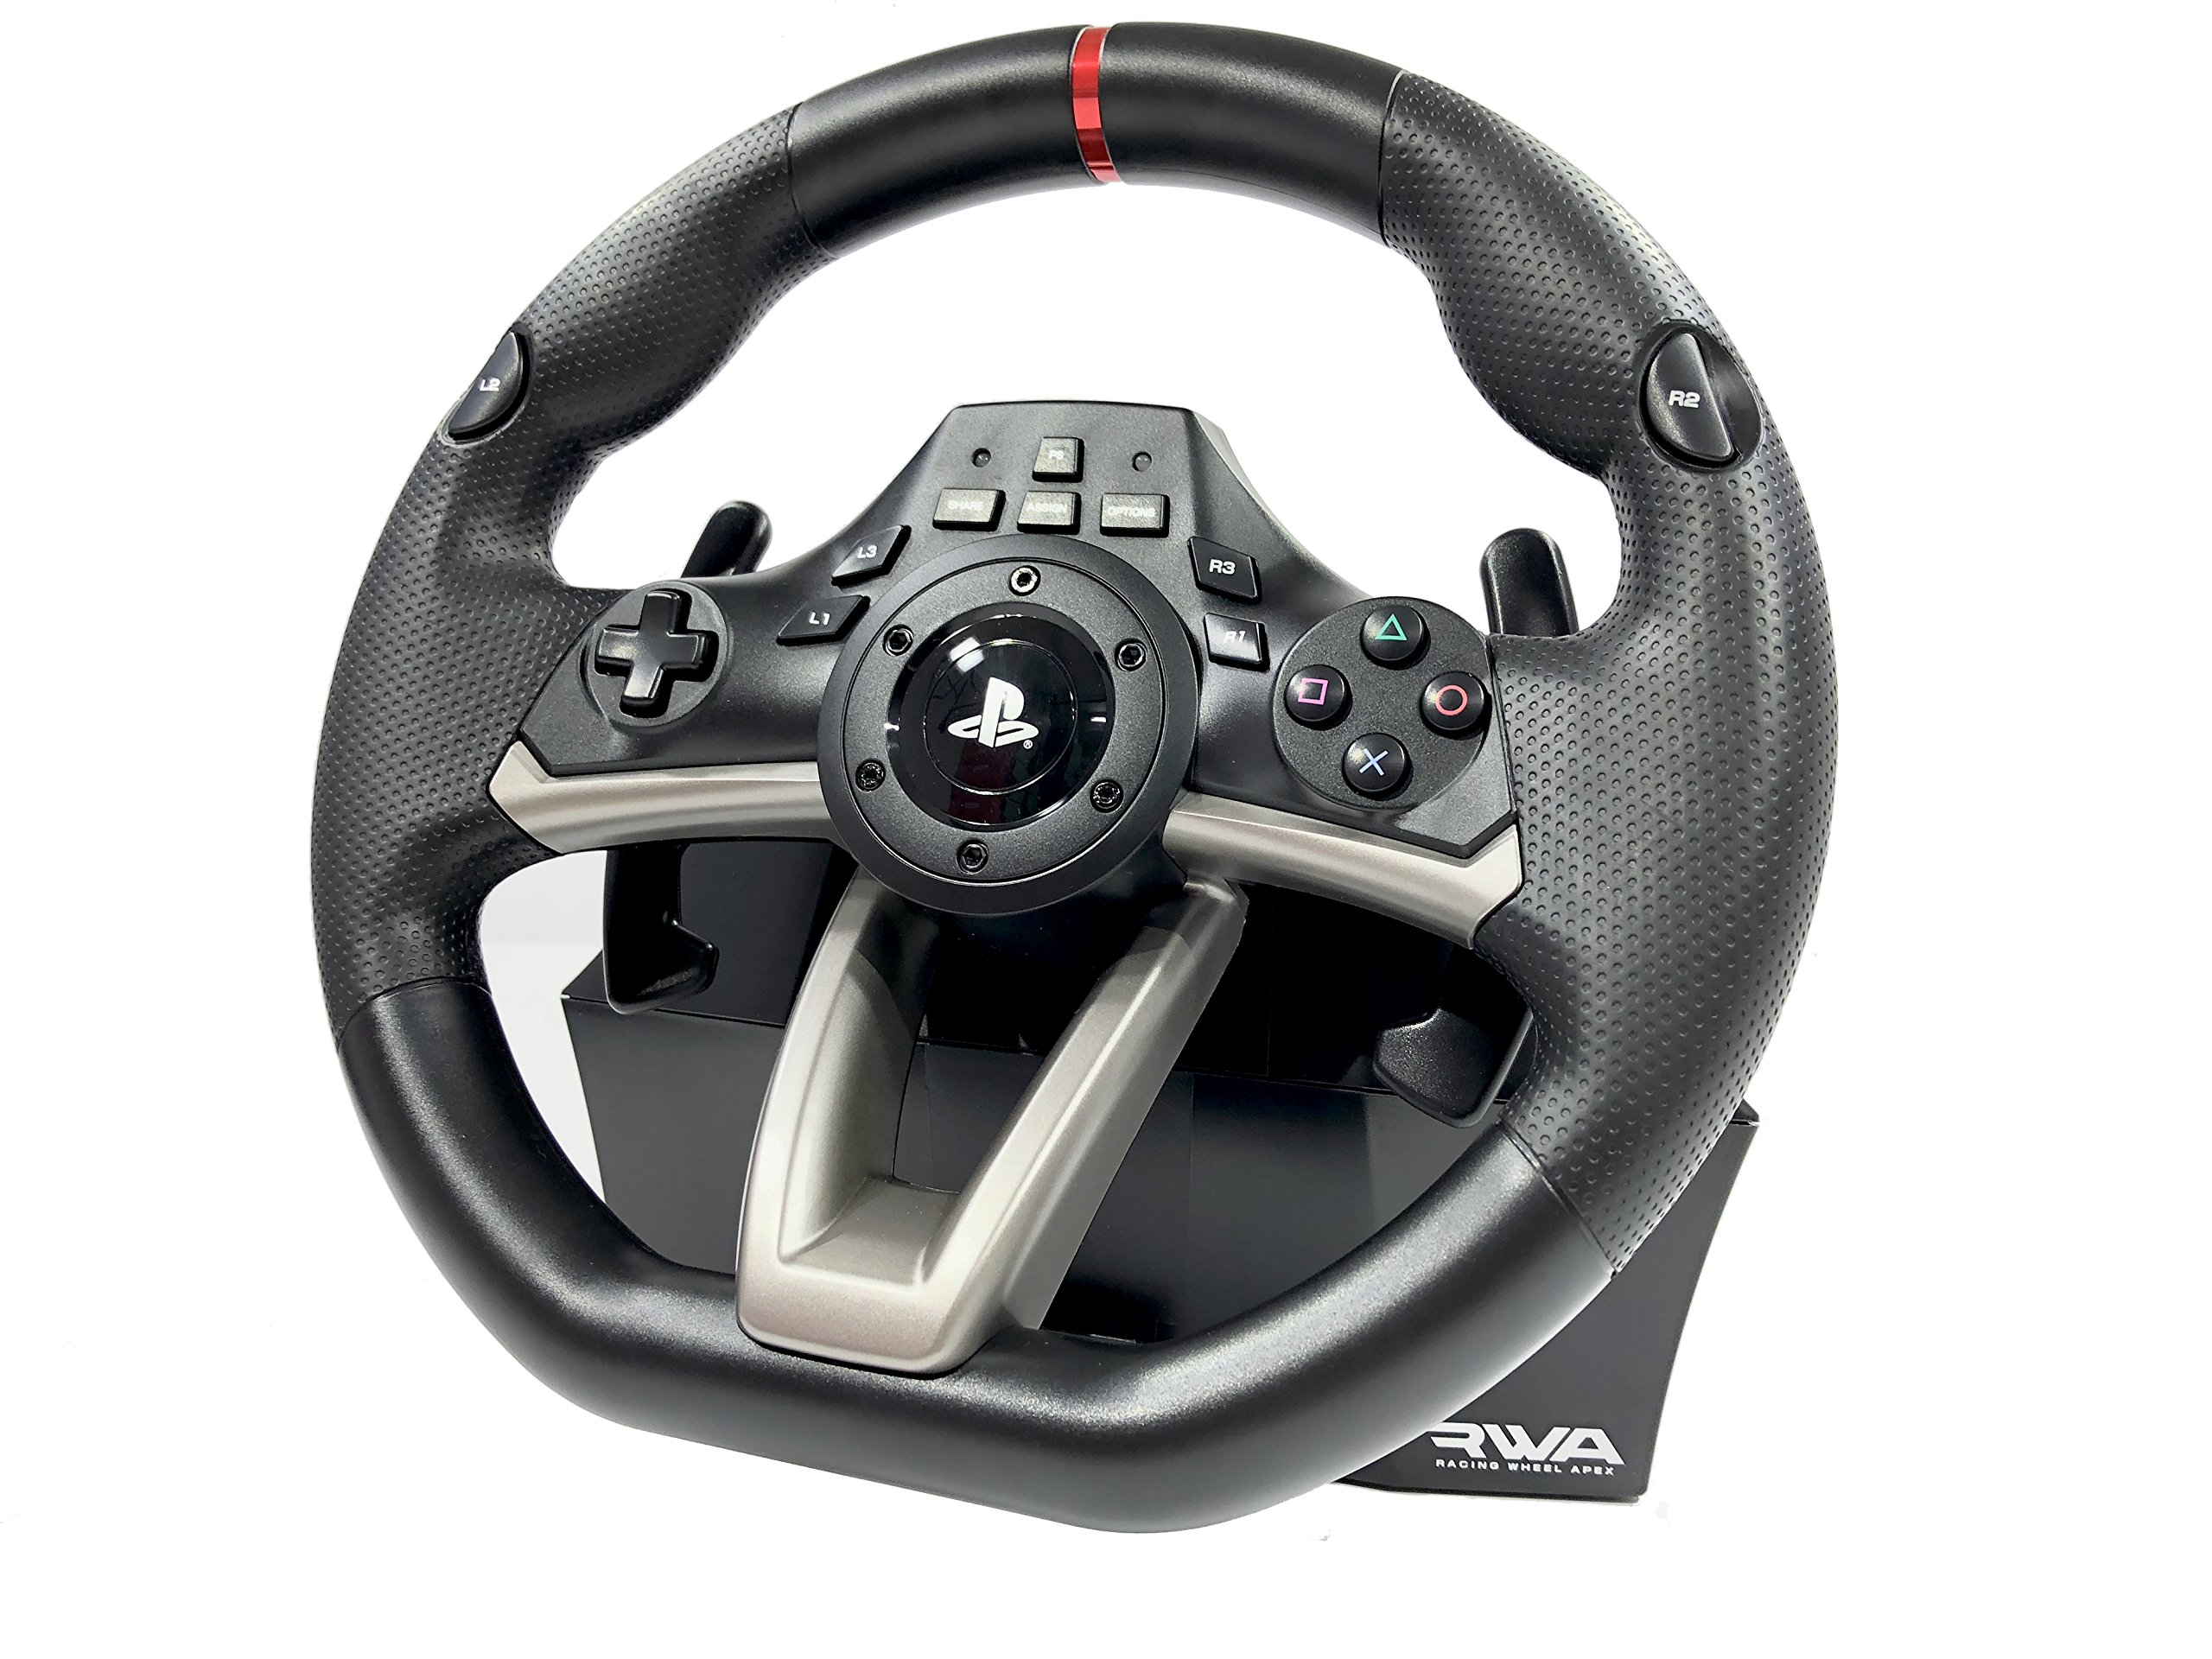 Volante PS4 Licencia Original Playstation 4 RWA Apex + Formula 1 2019 - F1 2019: Amazon.es: Videojuegos